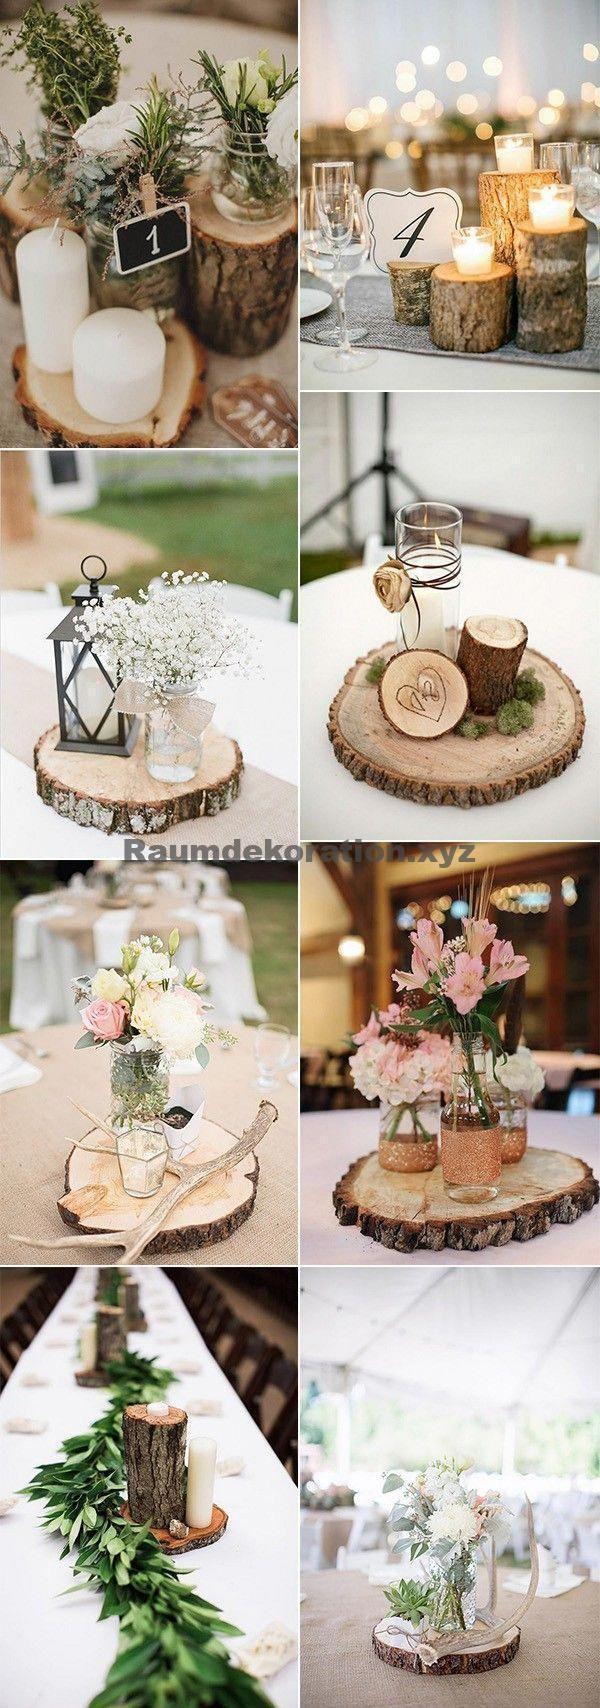 Mariage Table Decor – Ces idées de mariage rustique sont vraiment super # déio…